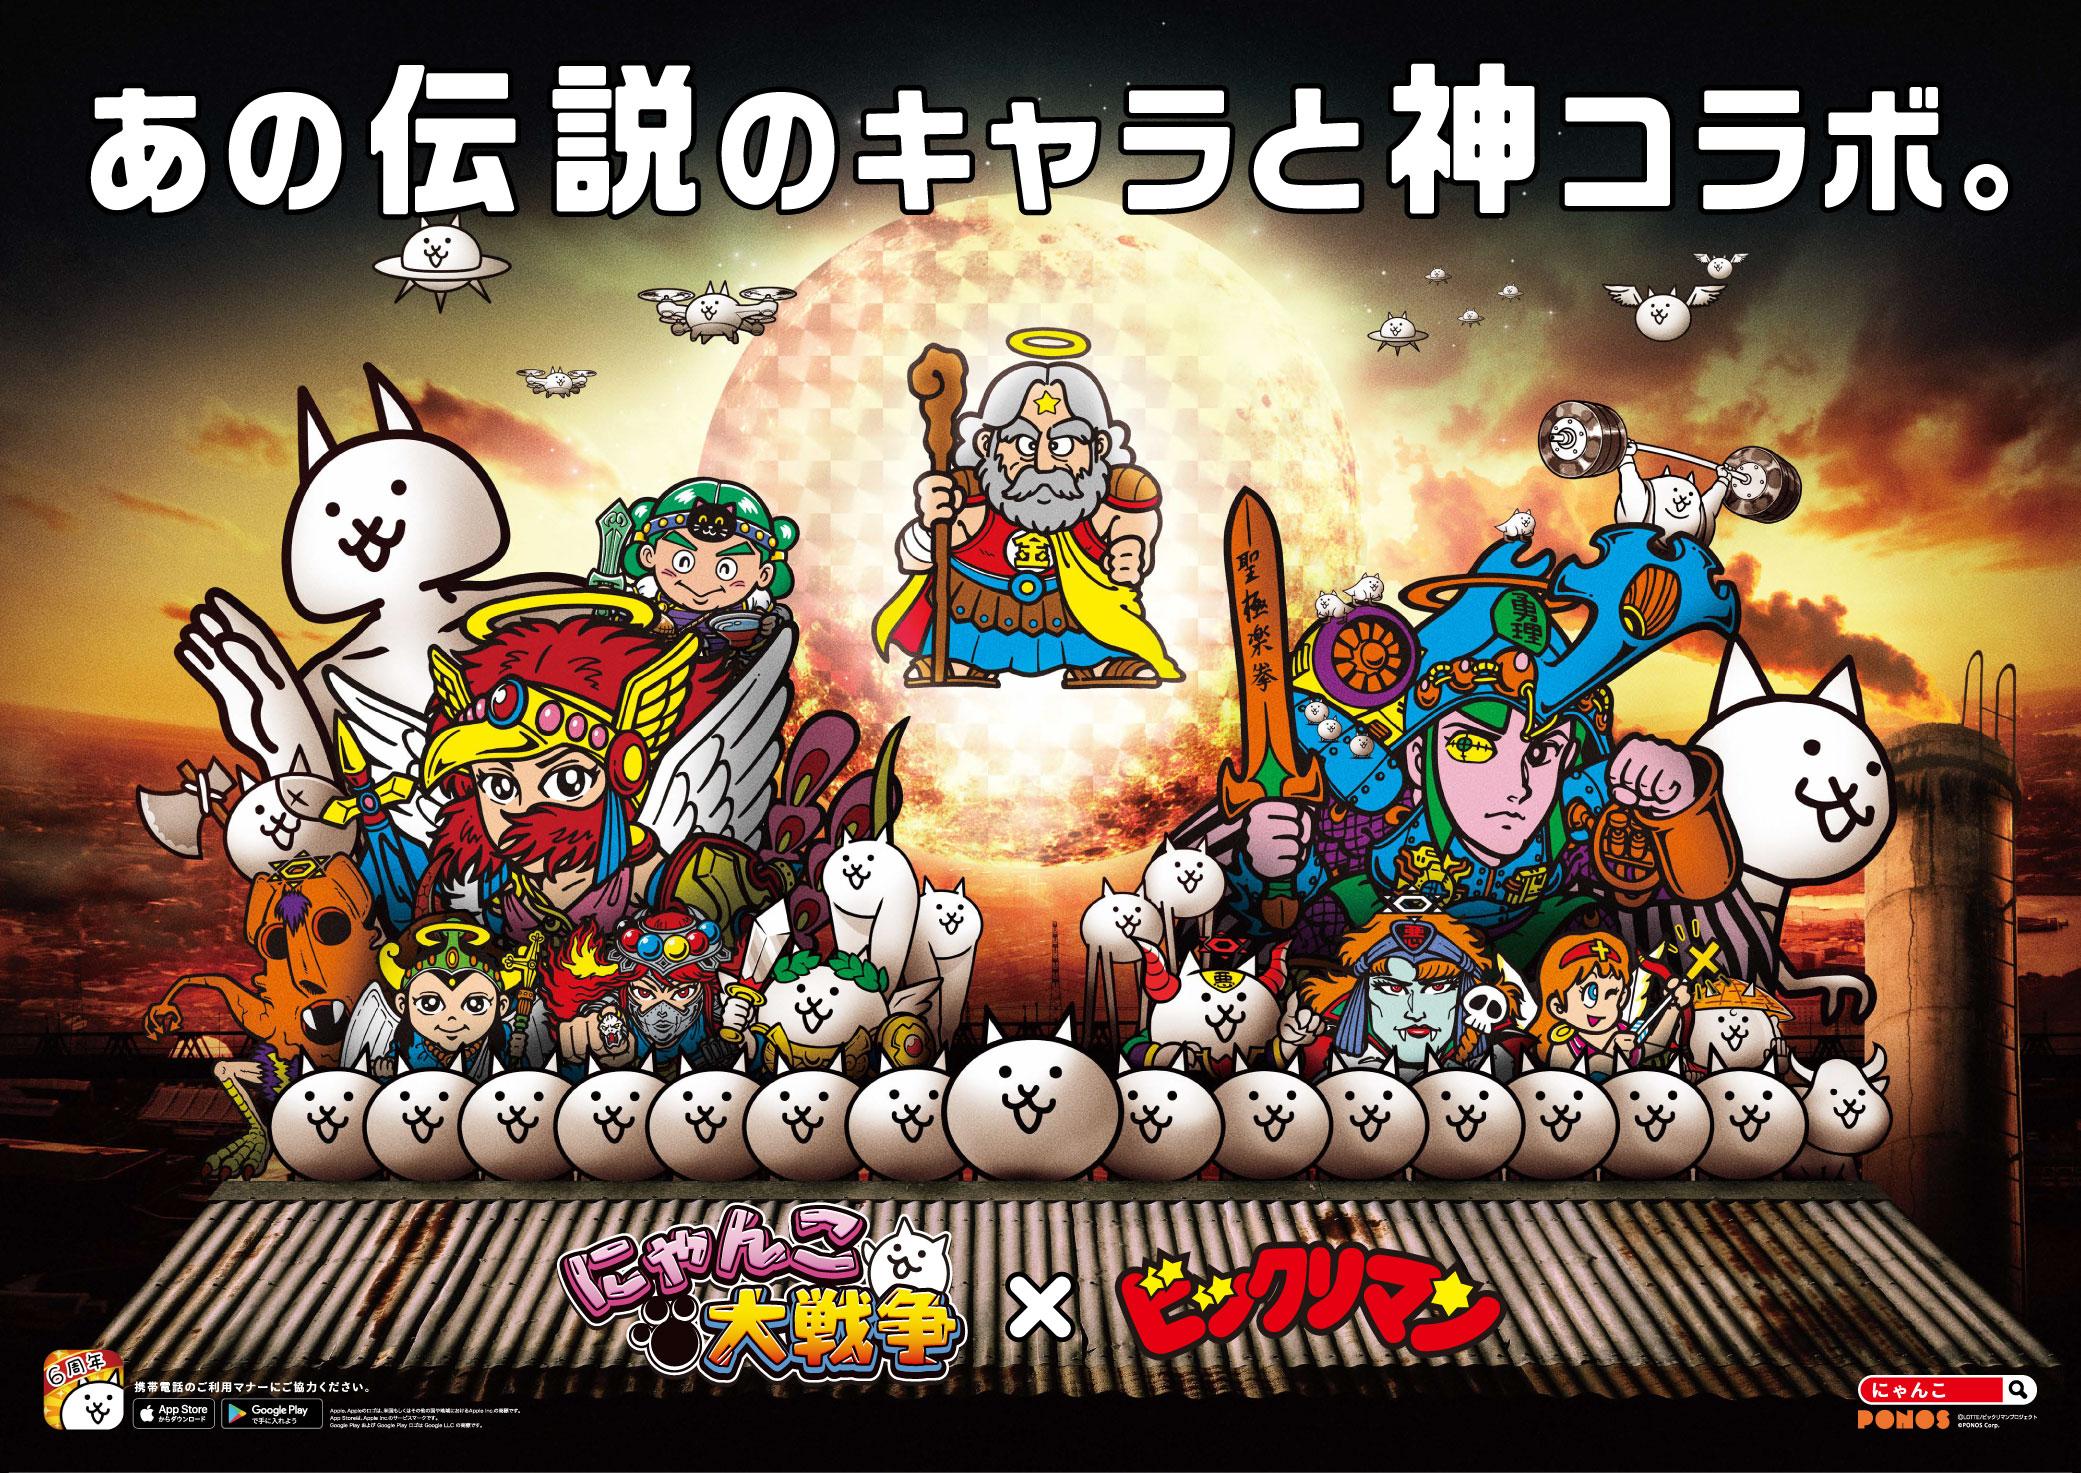 『にゃんこ大戦争』が「ビックリマン」とコラボ決定&事前SNSキャンペーン開始!